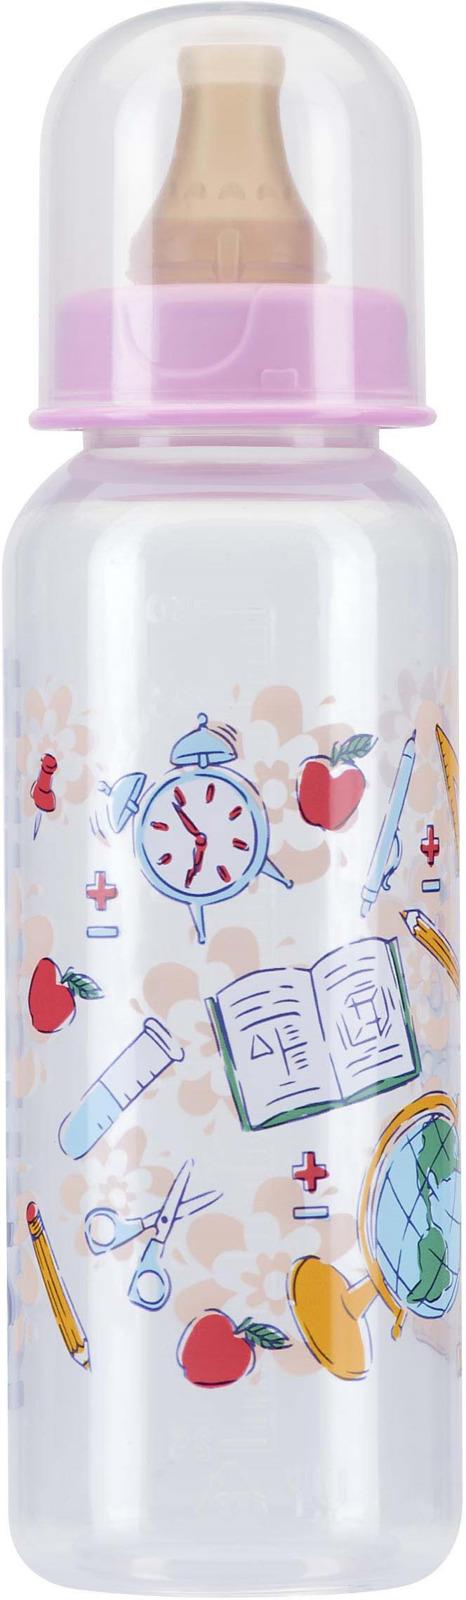 Бутылочка для кормления Курносики, с соской, 11145, 250 мл, цвет в ассортименте столовые приборы для малышей курносики ложечка курносики